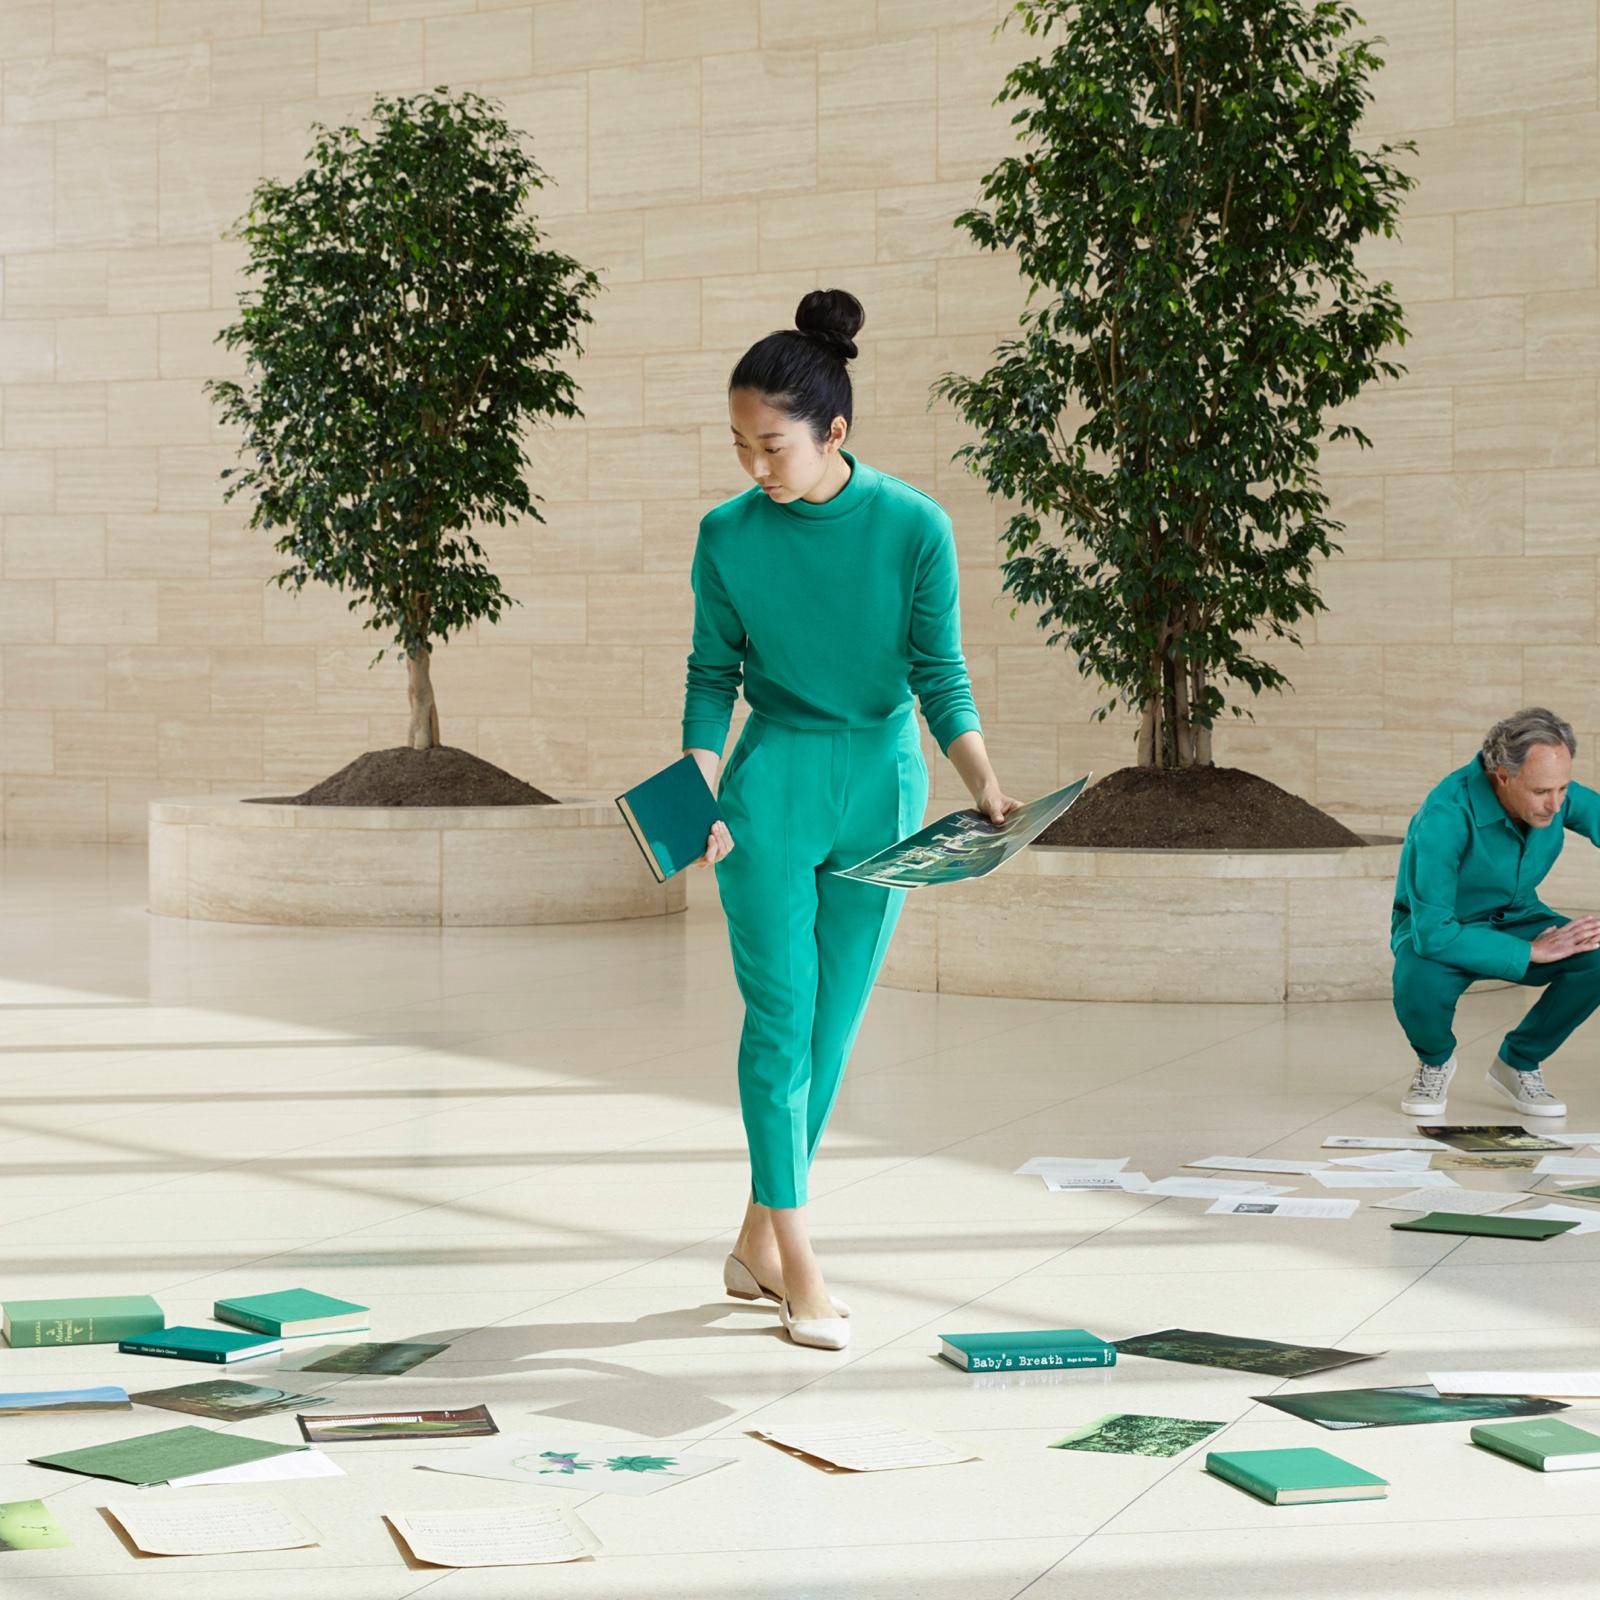 ผู้หญิงในชุดสีน้ำเงินอมเขียวยืนถือหนังสือและกระดาษ ล้อมรอบไปด้วยหนังสือที่วางอยู่บนพื้น ผู้ชายและผู้หญิงในชุดสีน้ำเงินอมเขียวหมอบอยู่บนพื้นที่ล้อมรอบไปด้วยกระดาษและหนังสือ กำลังมองไปที่หนังสือ